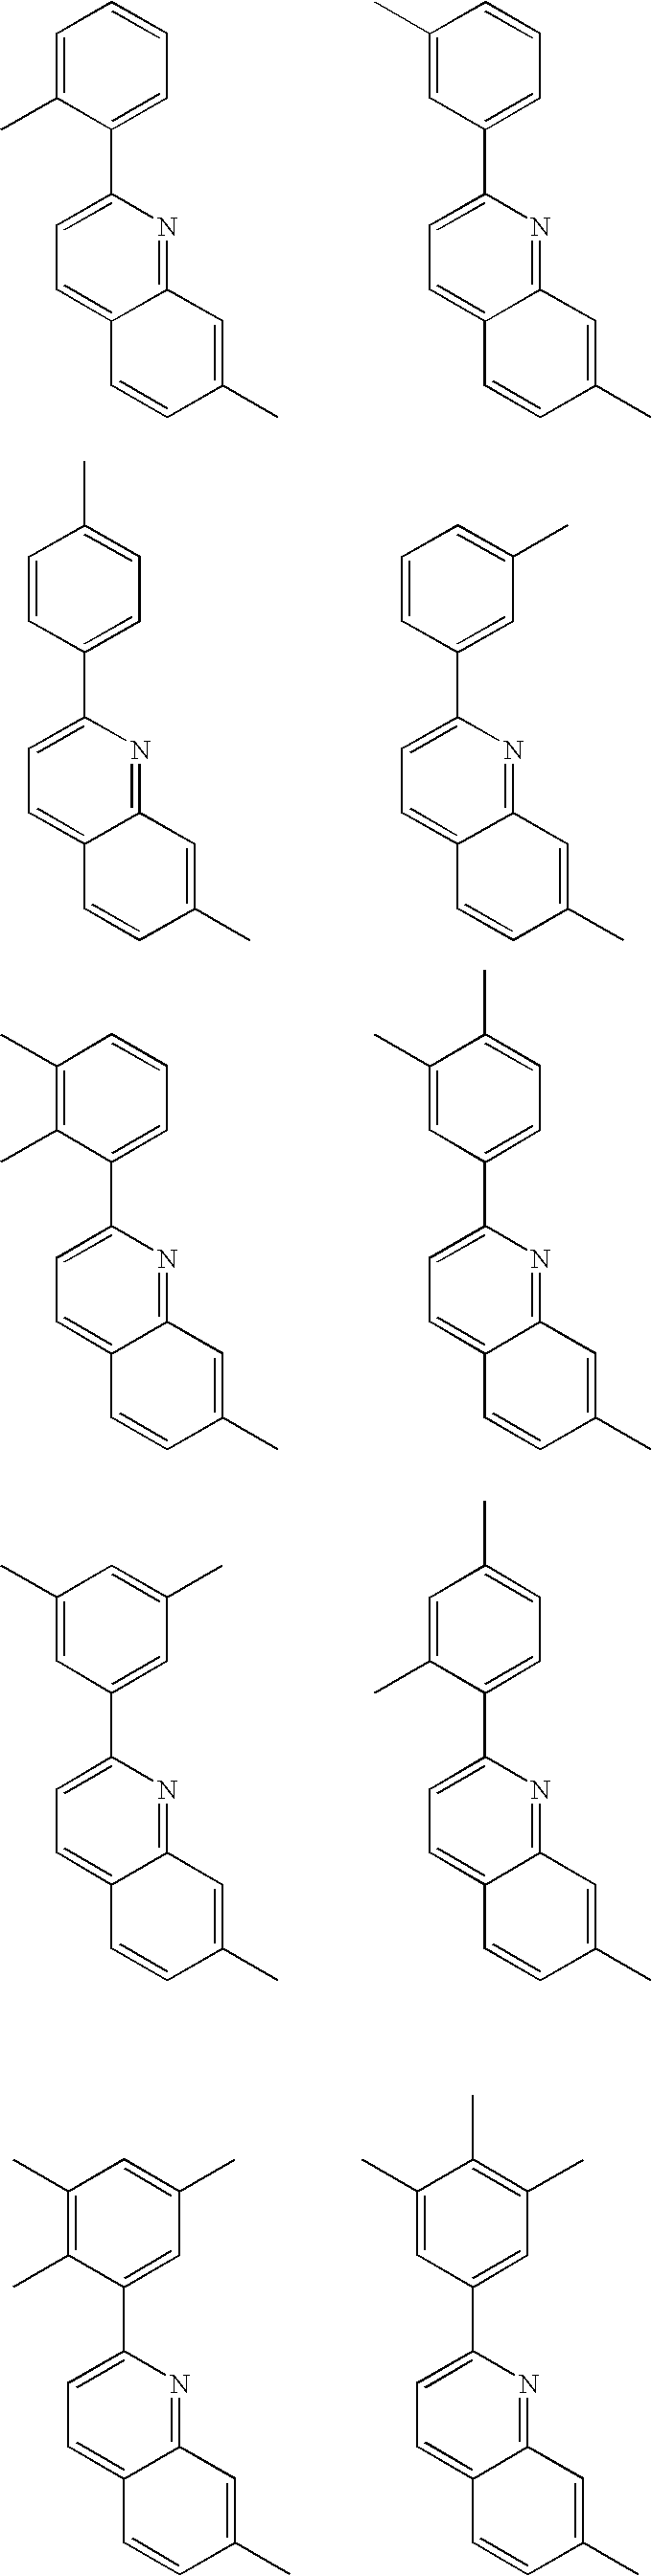 Figure US20060202194A1-20060914-C00013